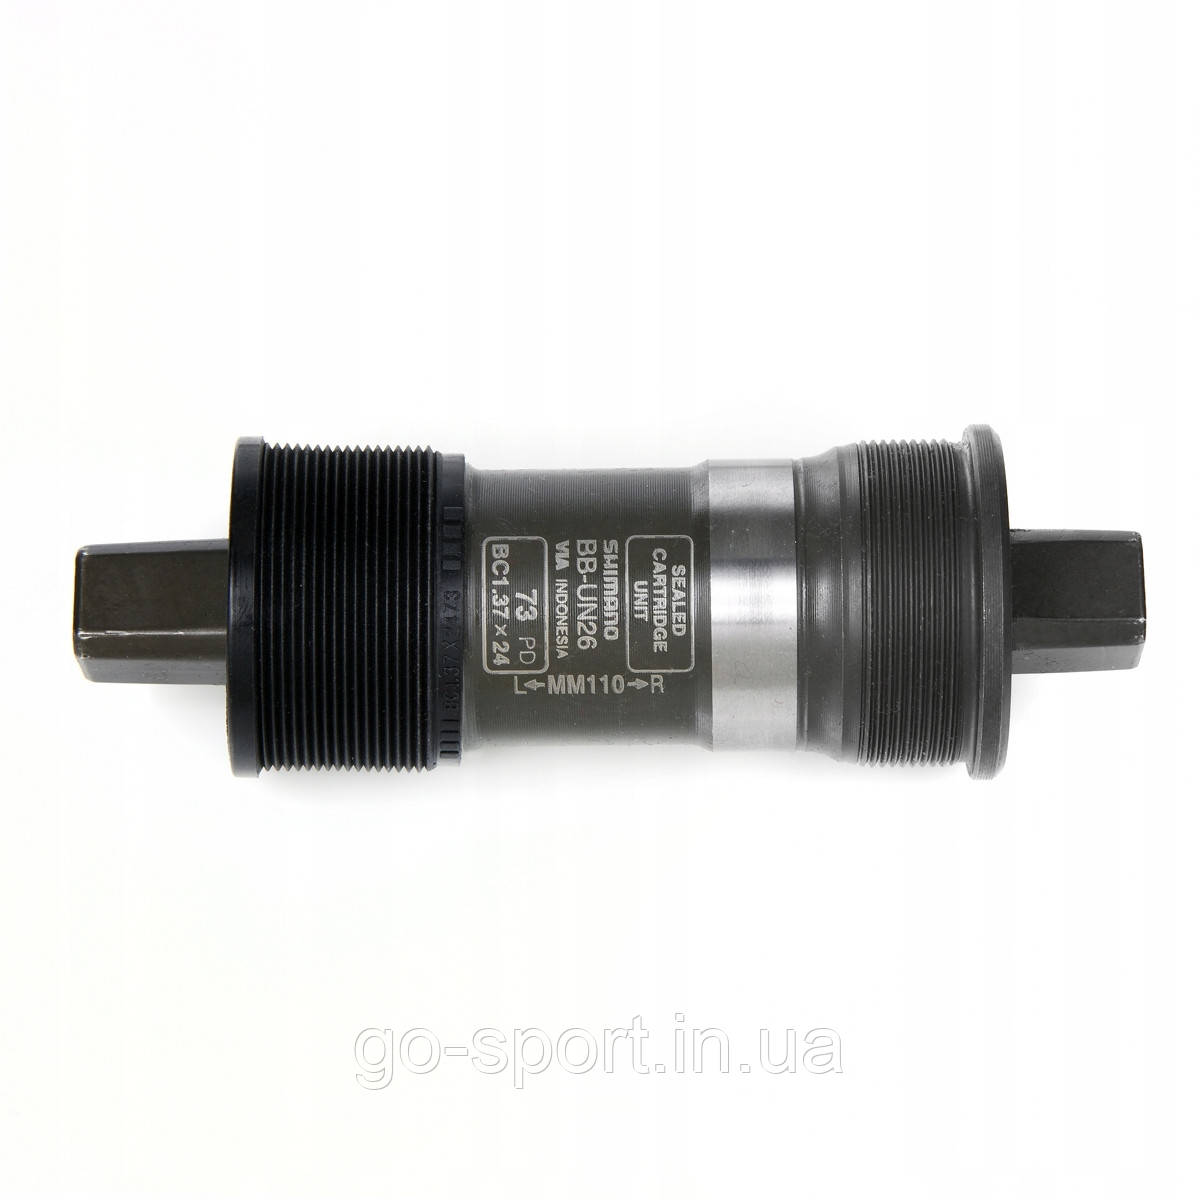 Каретка Shimano BB-UN26 BSA 73x110 мм